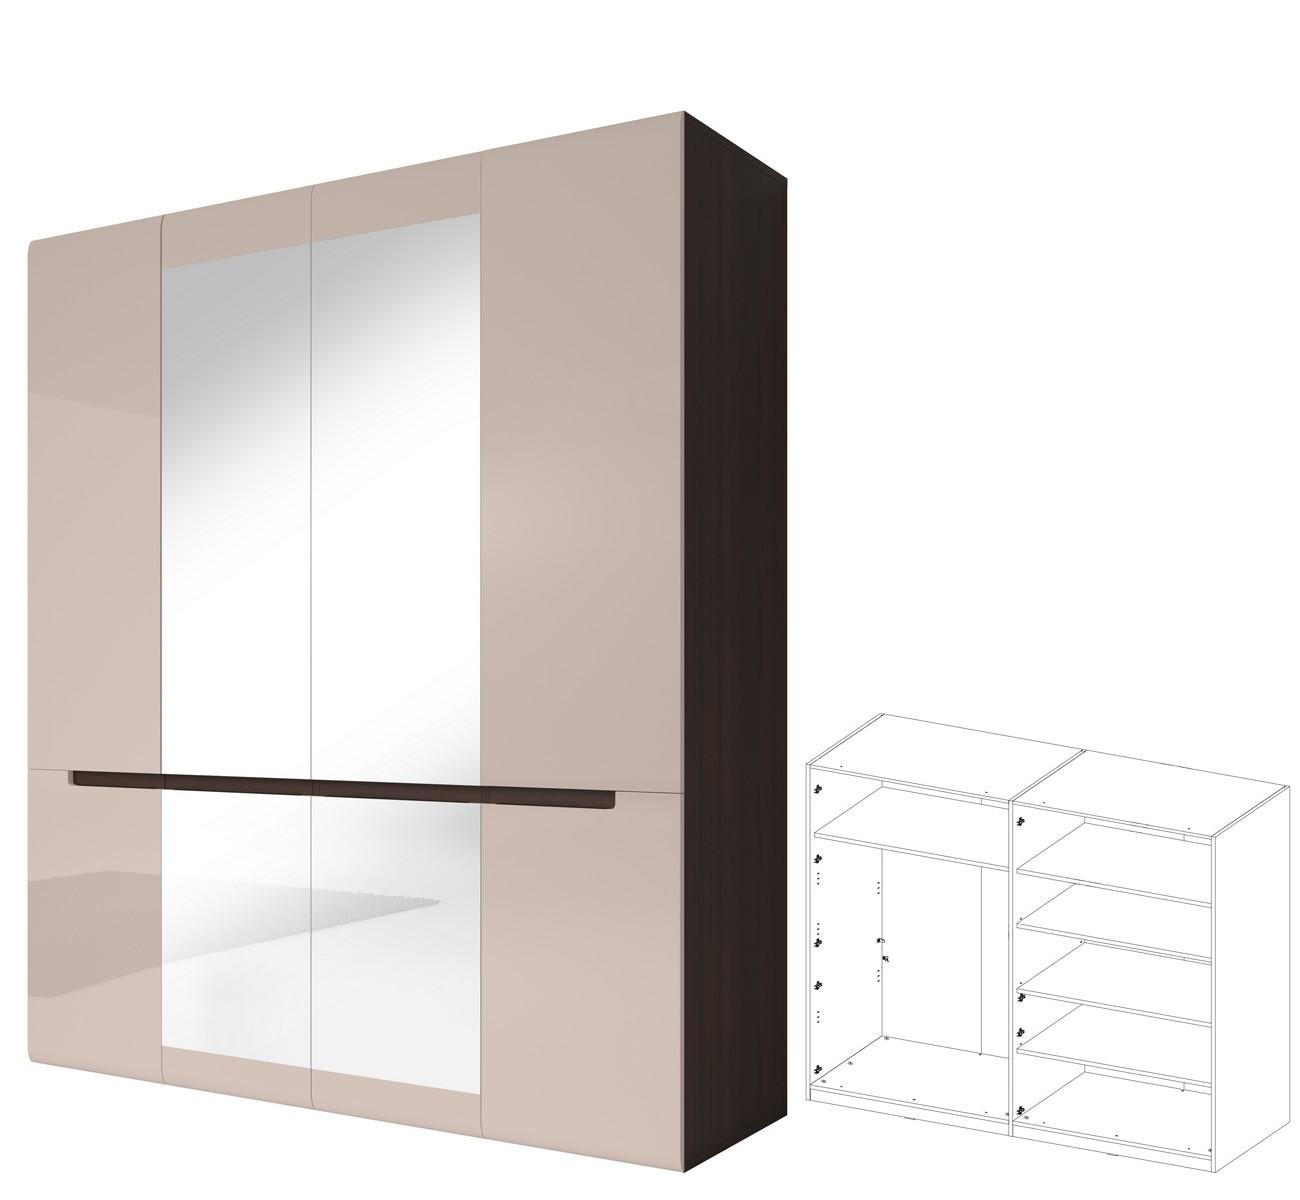 kleiderschrank hector dreht renschrank schlafzimmerschrank in hochglanz 605349685491 ebay. Black Bedroom Furniture Sets. Home Design Ideas